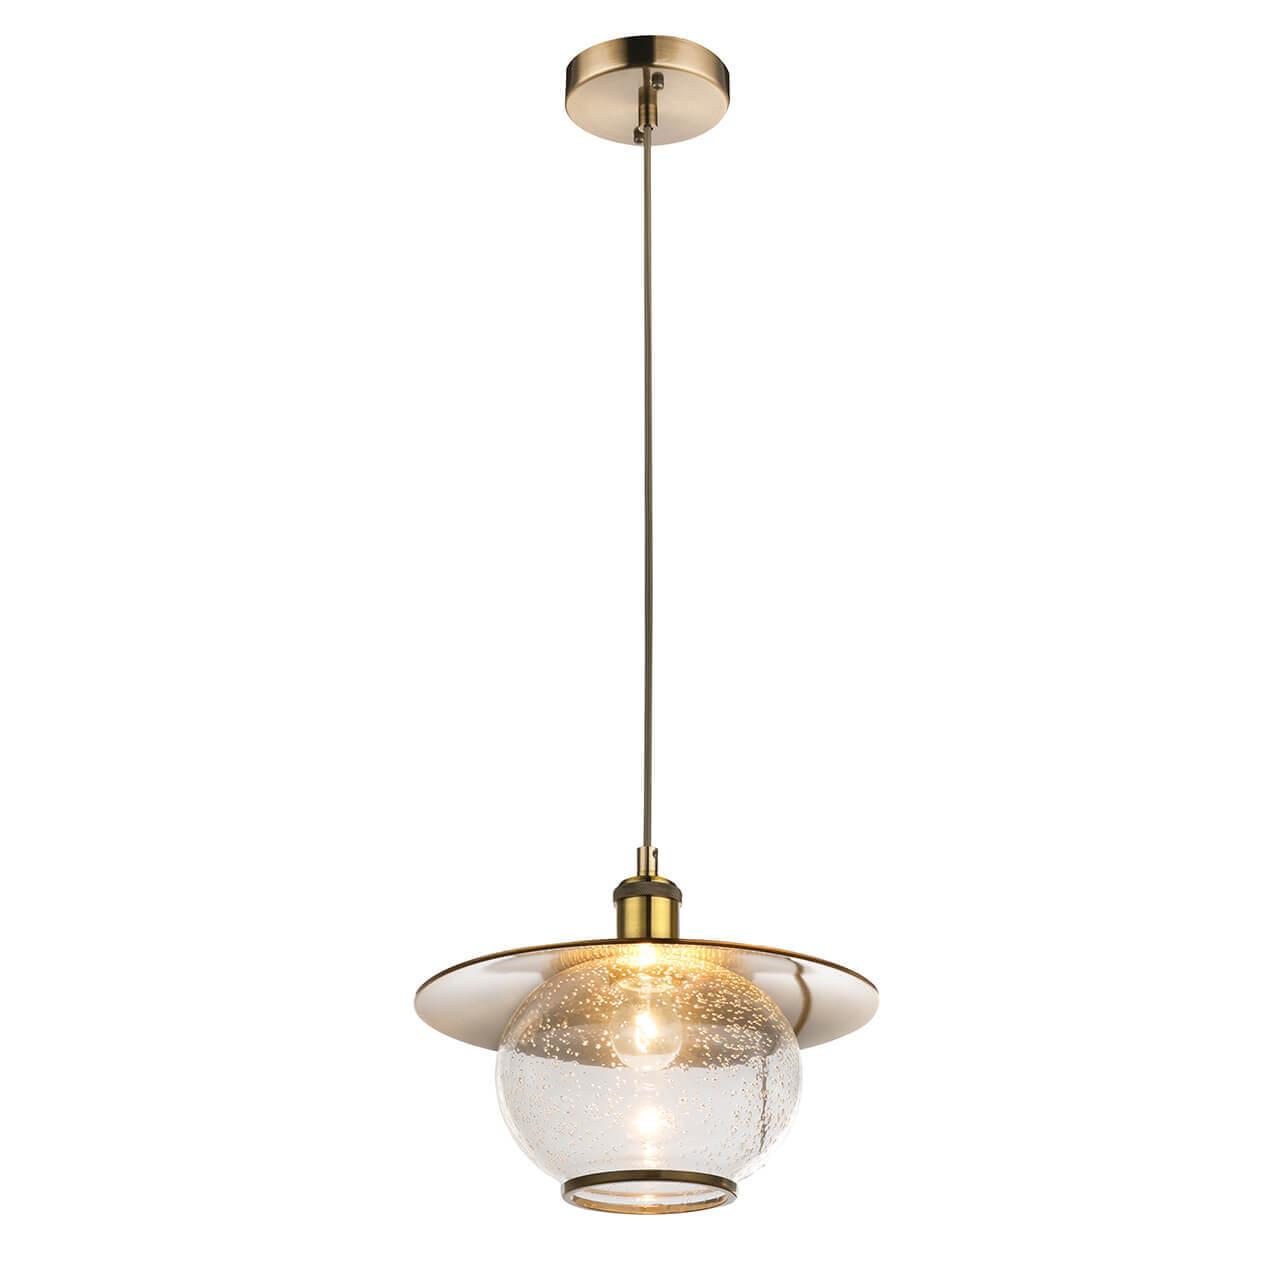 купить Подвесной светильник Globo Nevis 69030H дешево